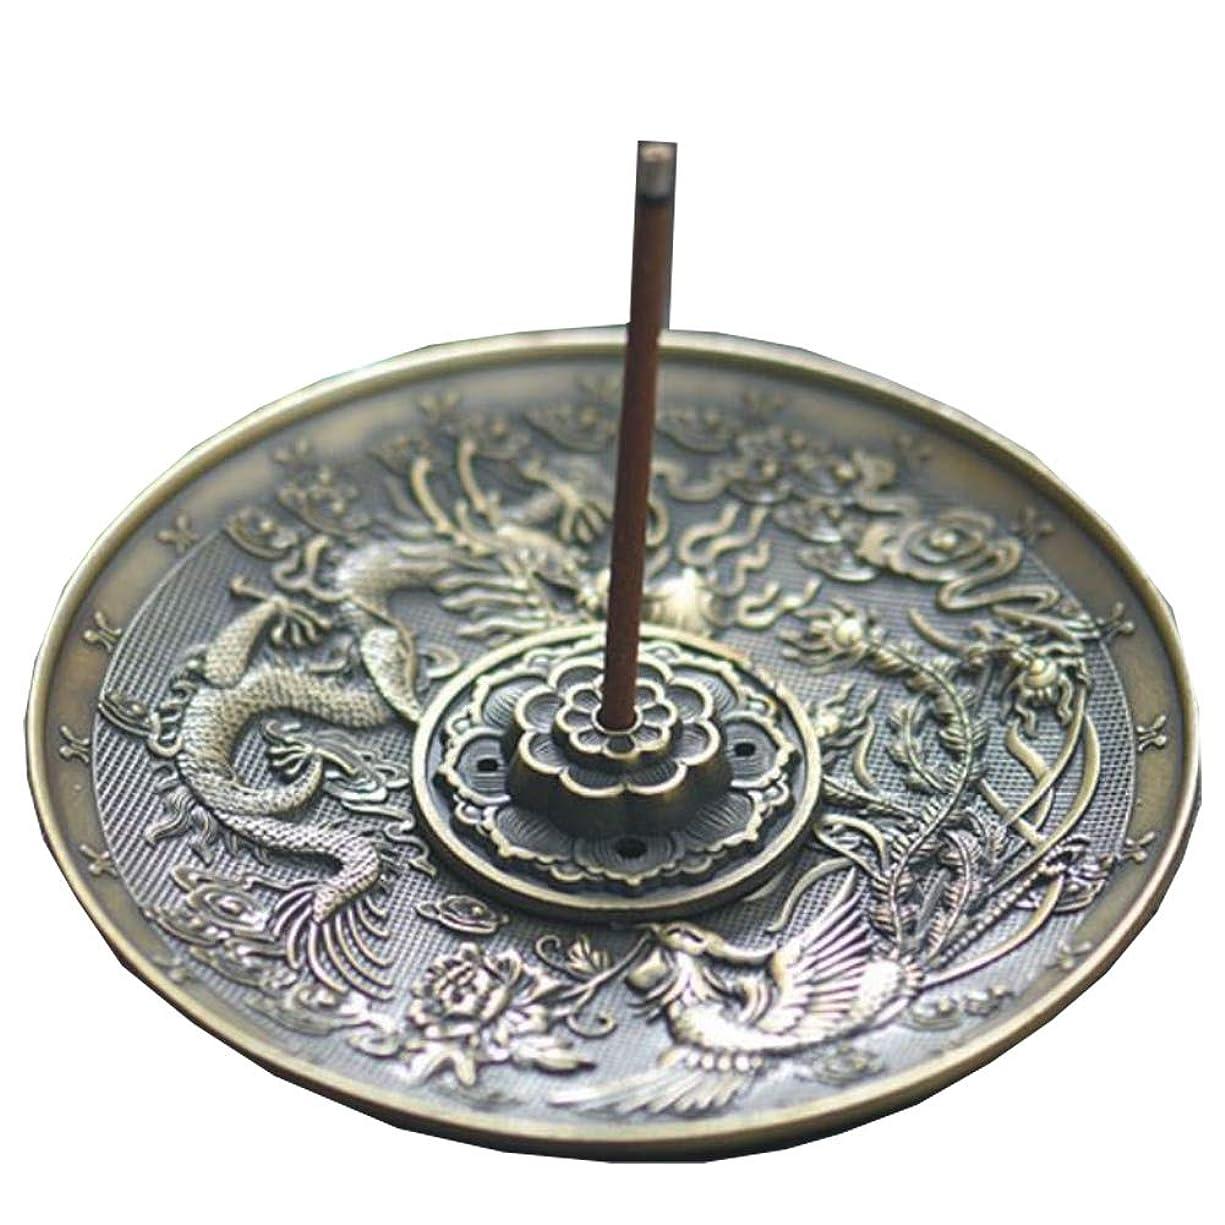 流出押し下げる煙[RADISSY] お香立て 香炉 香皿 スティック 円錐 タイプ お香 スタンド 龍のデザイン (青銅色5穴)